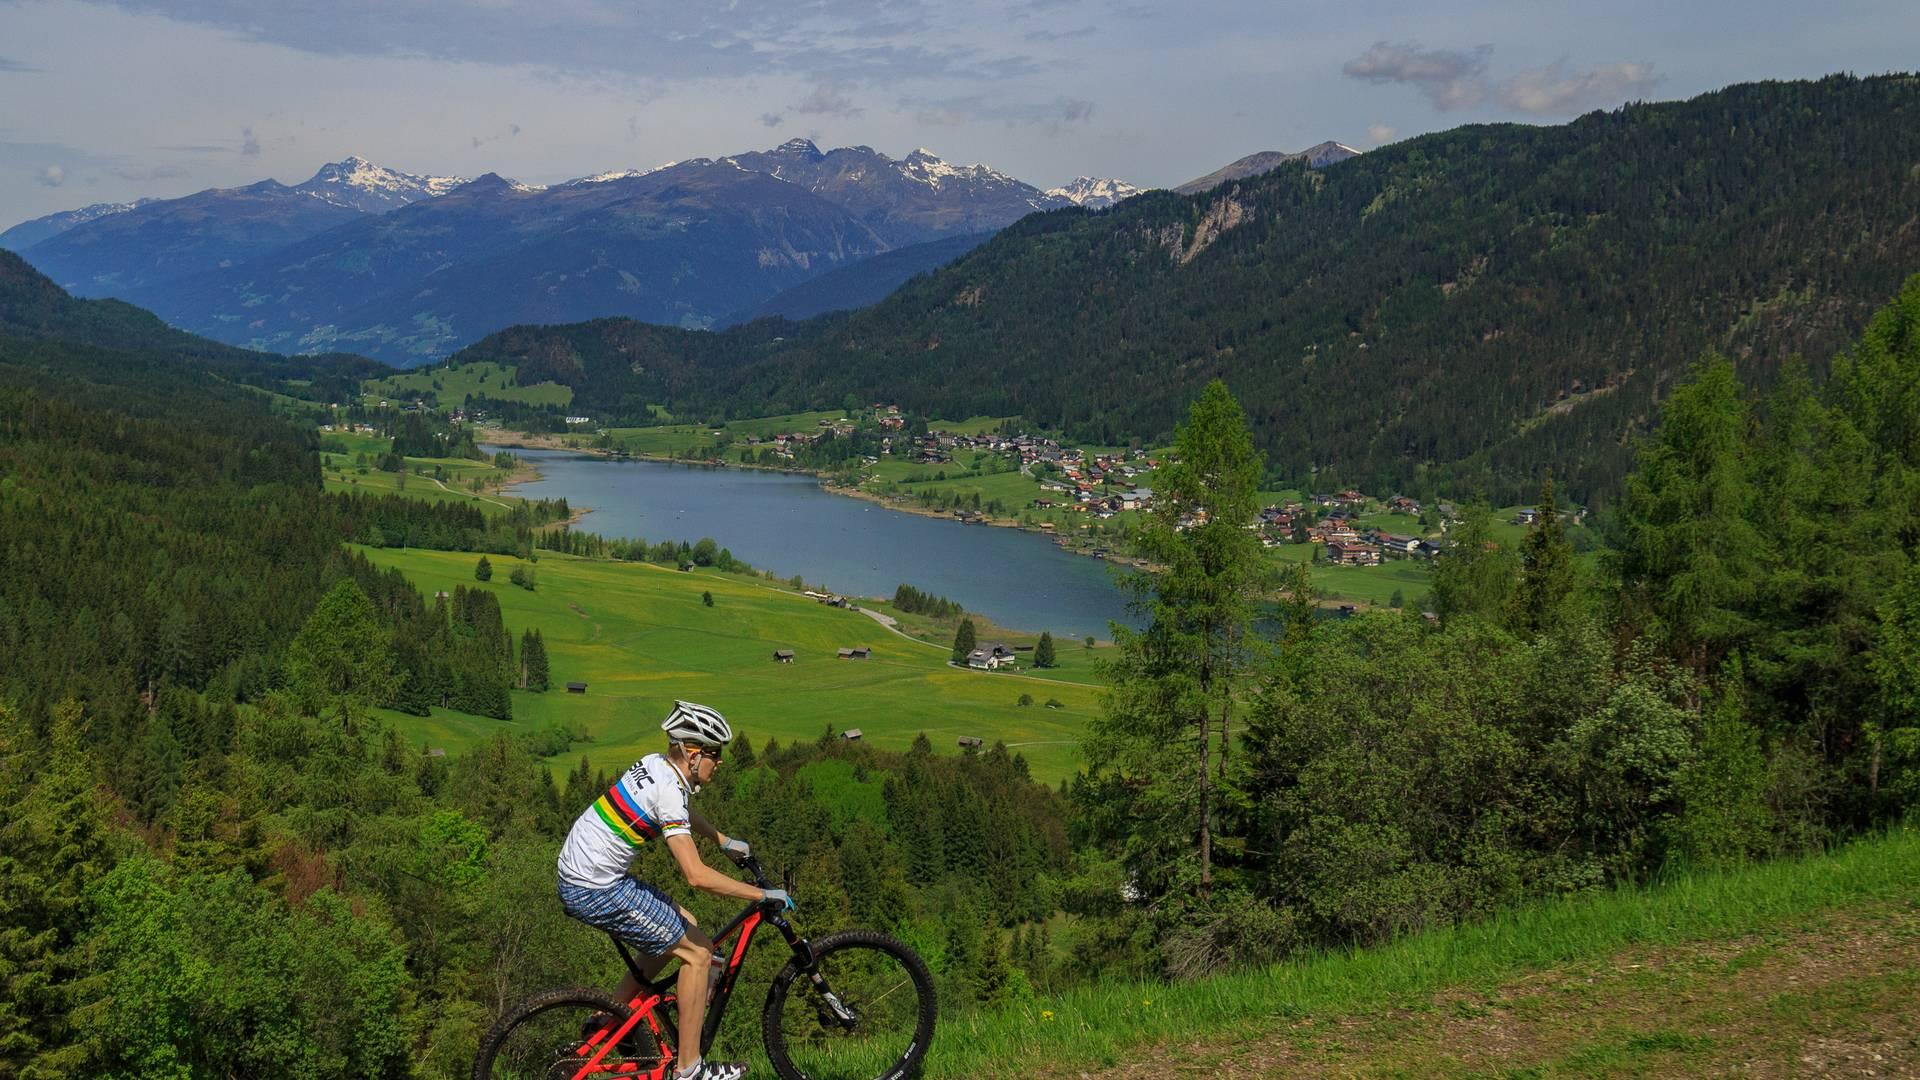 Weissensee Mountainbike Trail